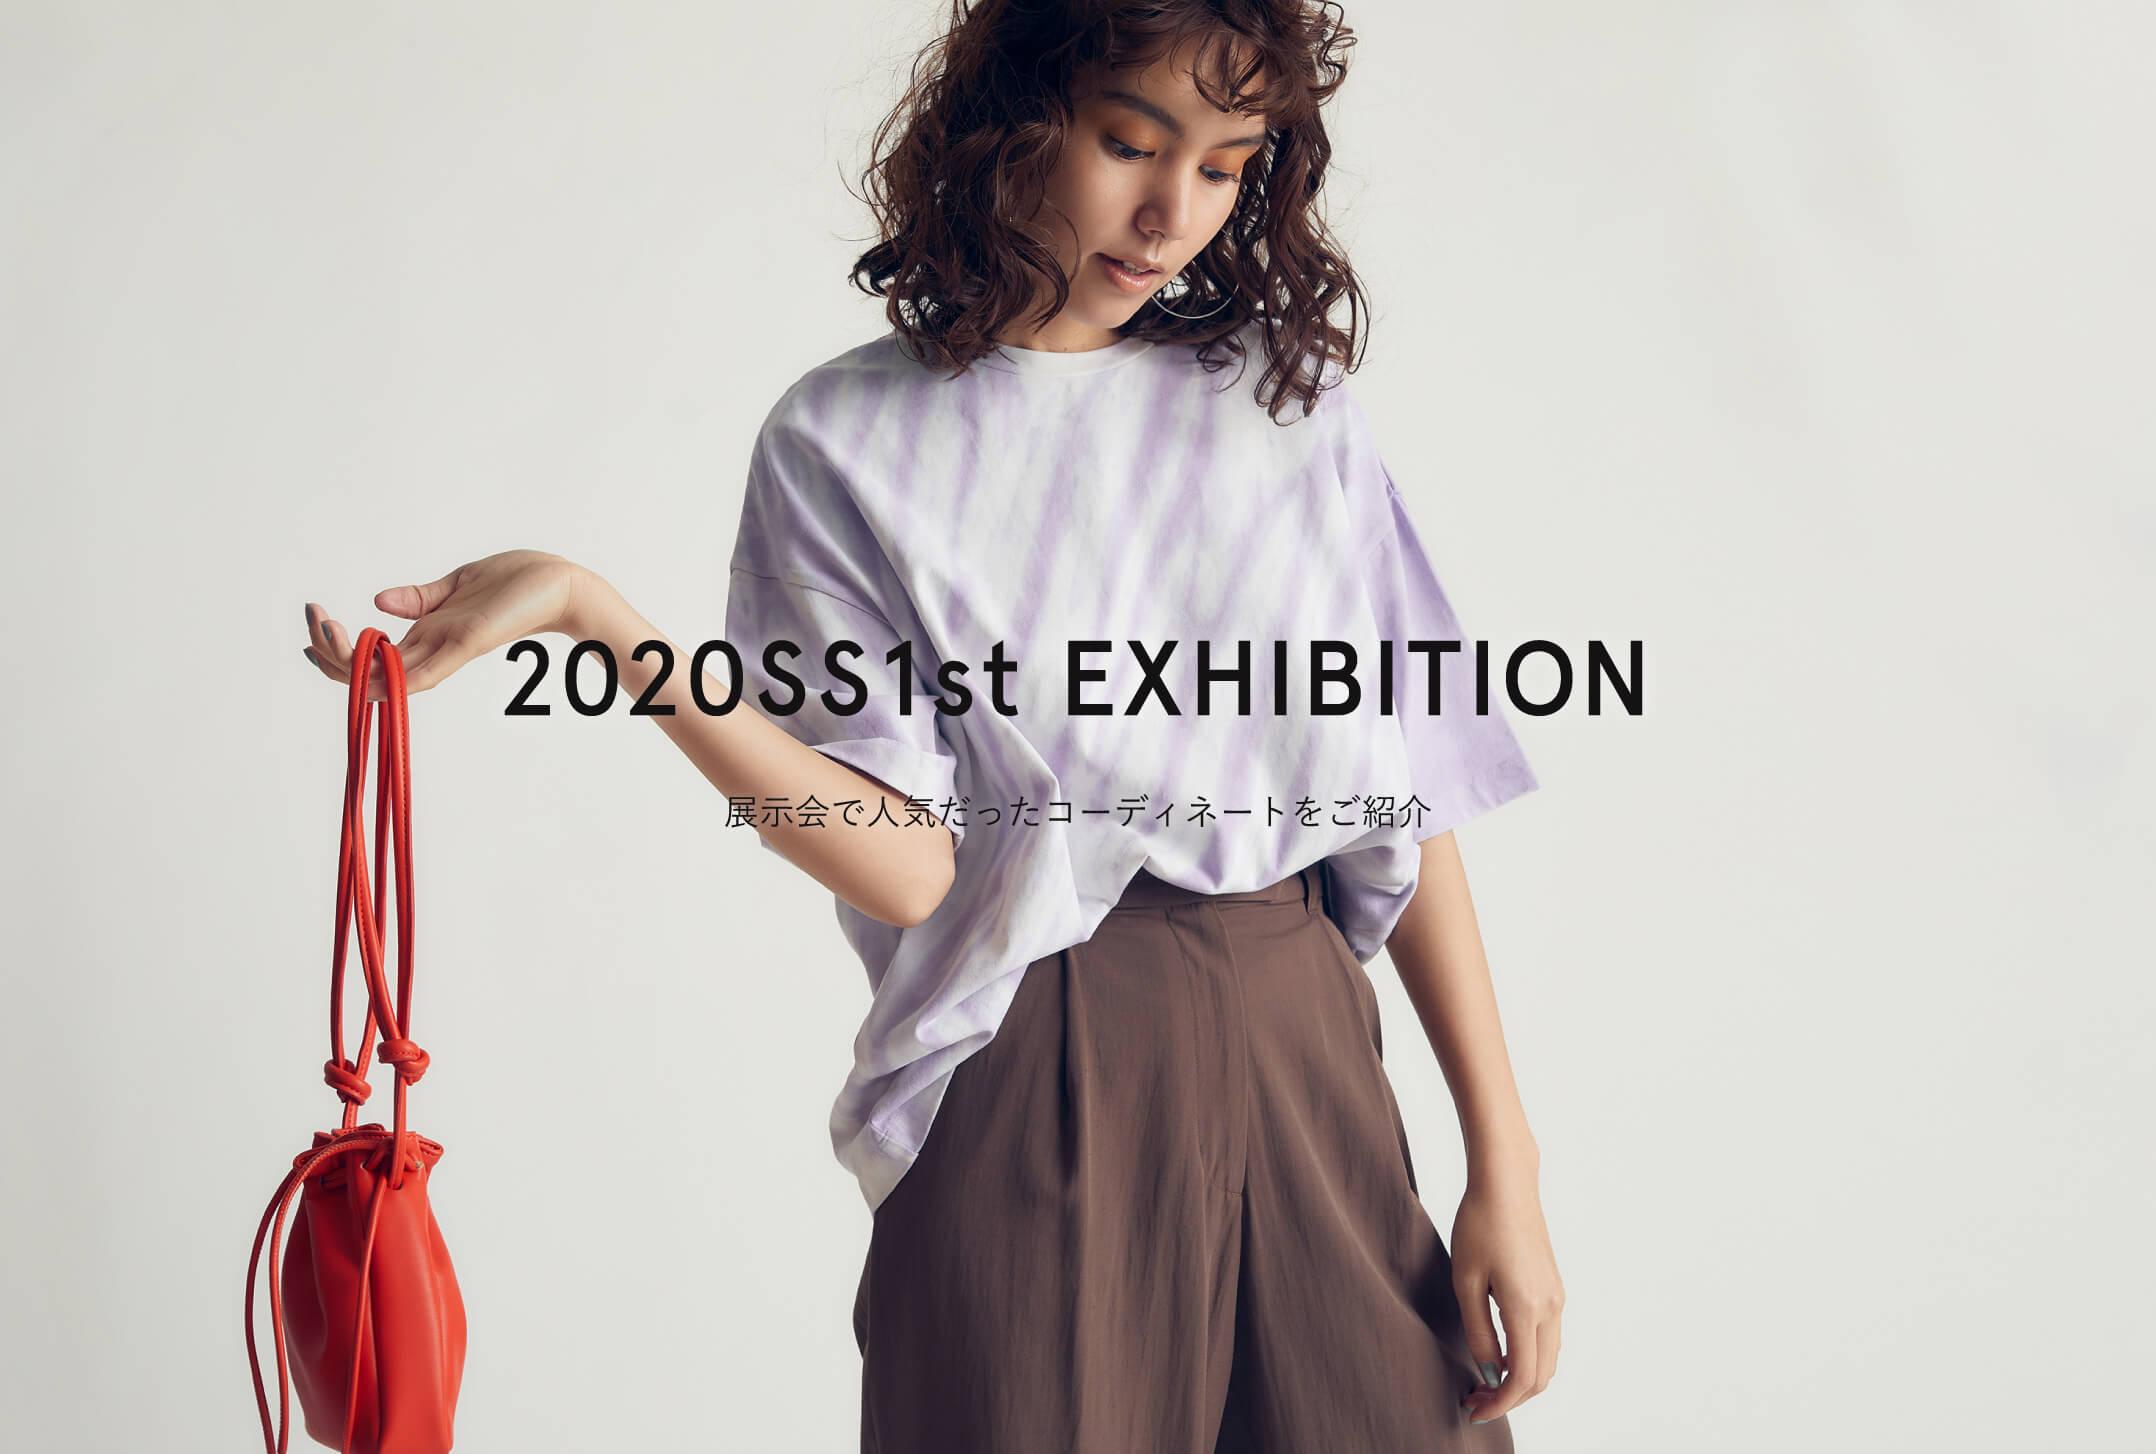 2020SS1st EXHIBITION 展示会で人気だったコーディネートをご紹介